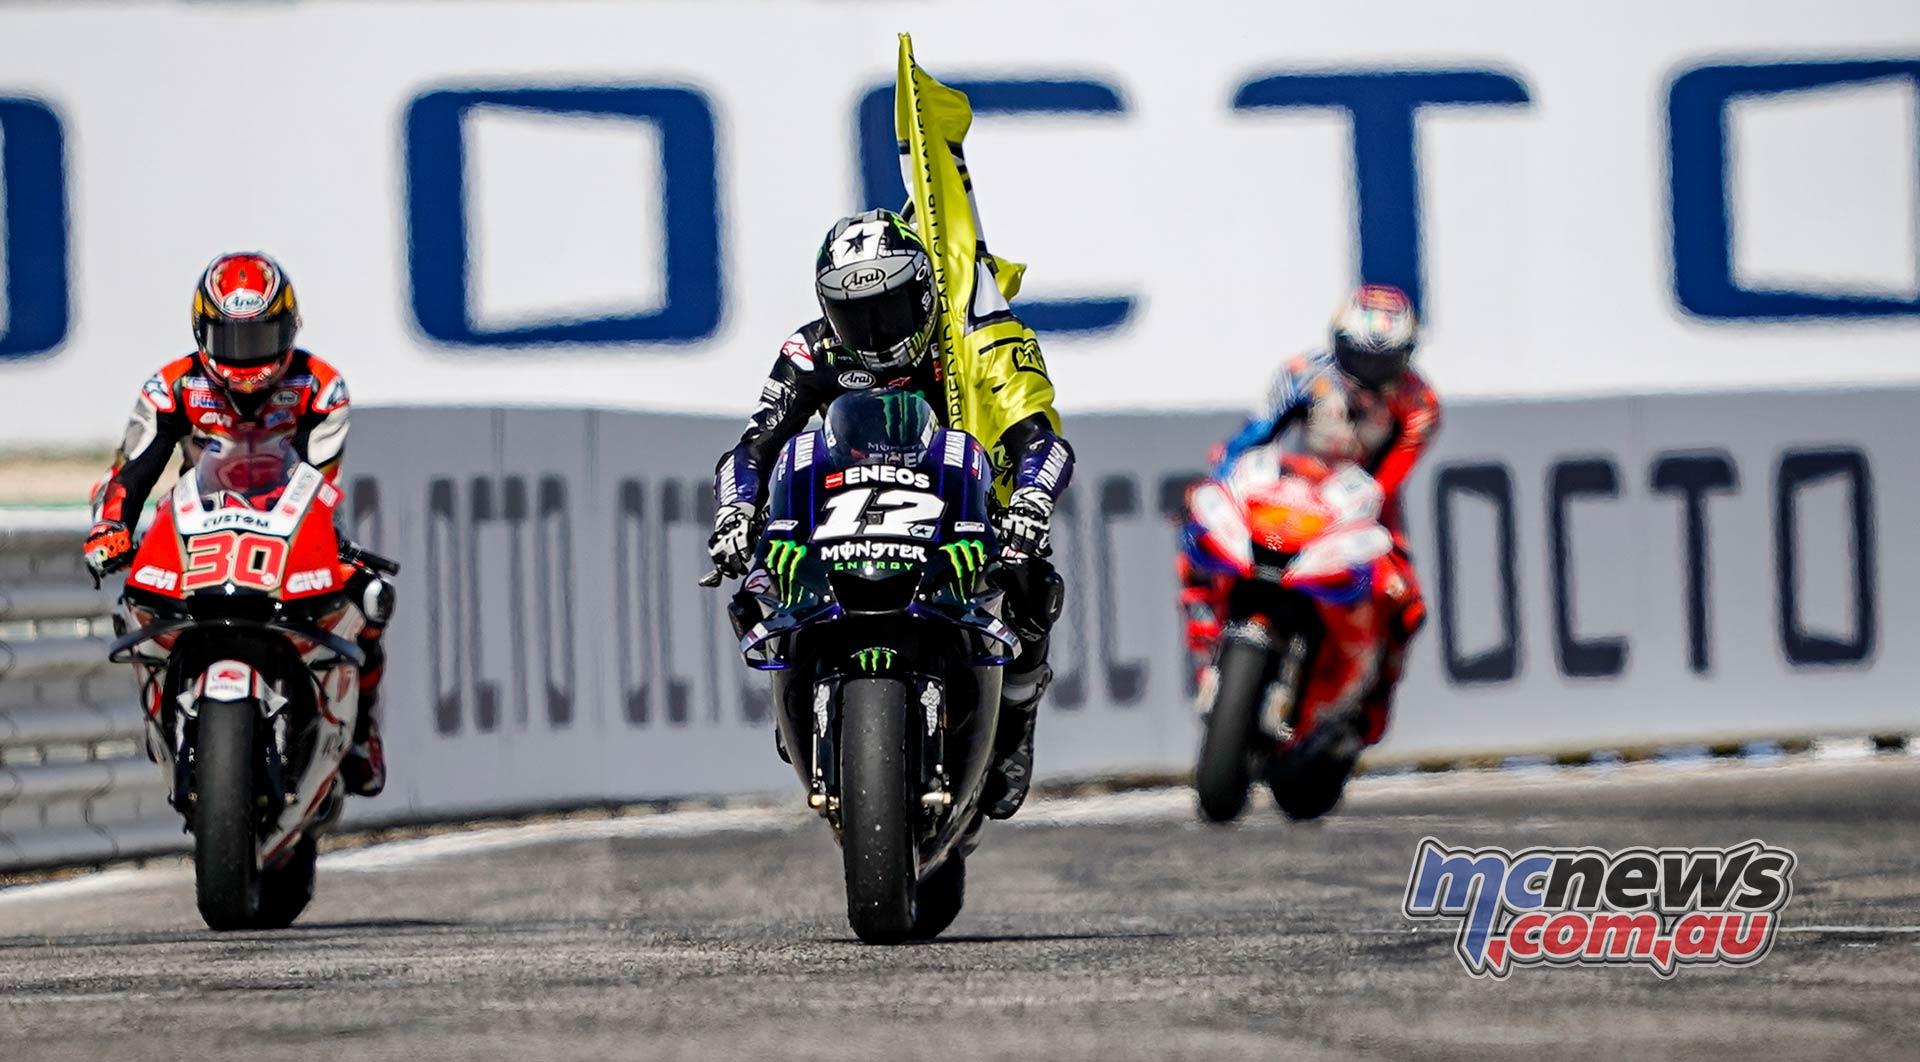 MotoGP Rnd Misano Vinales P